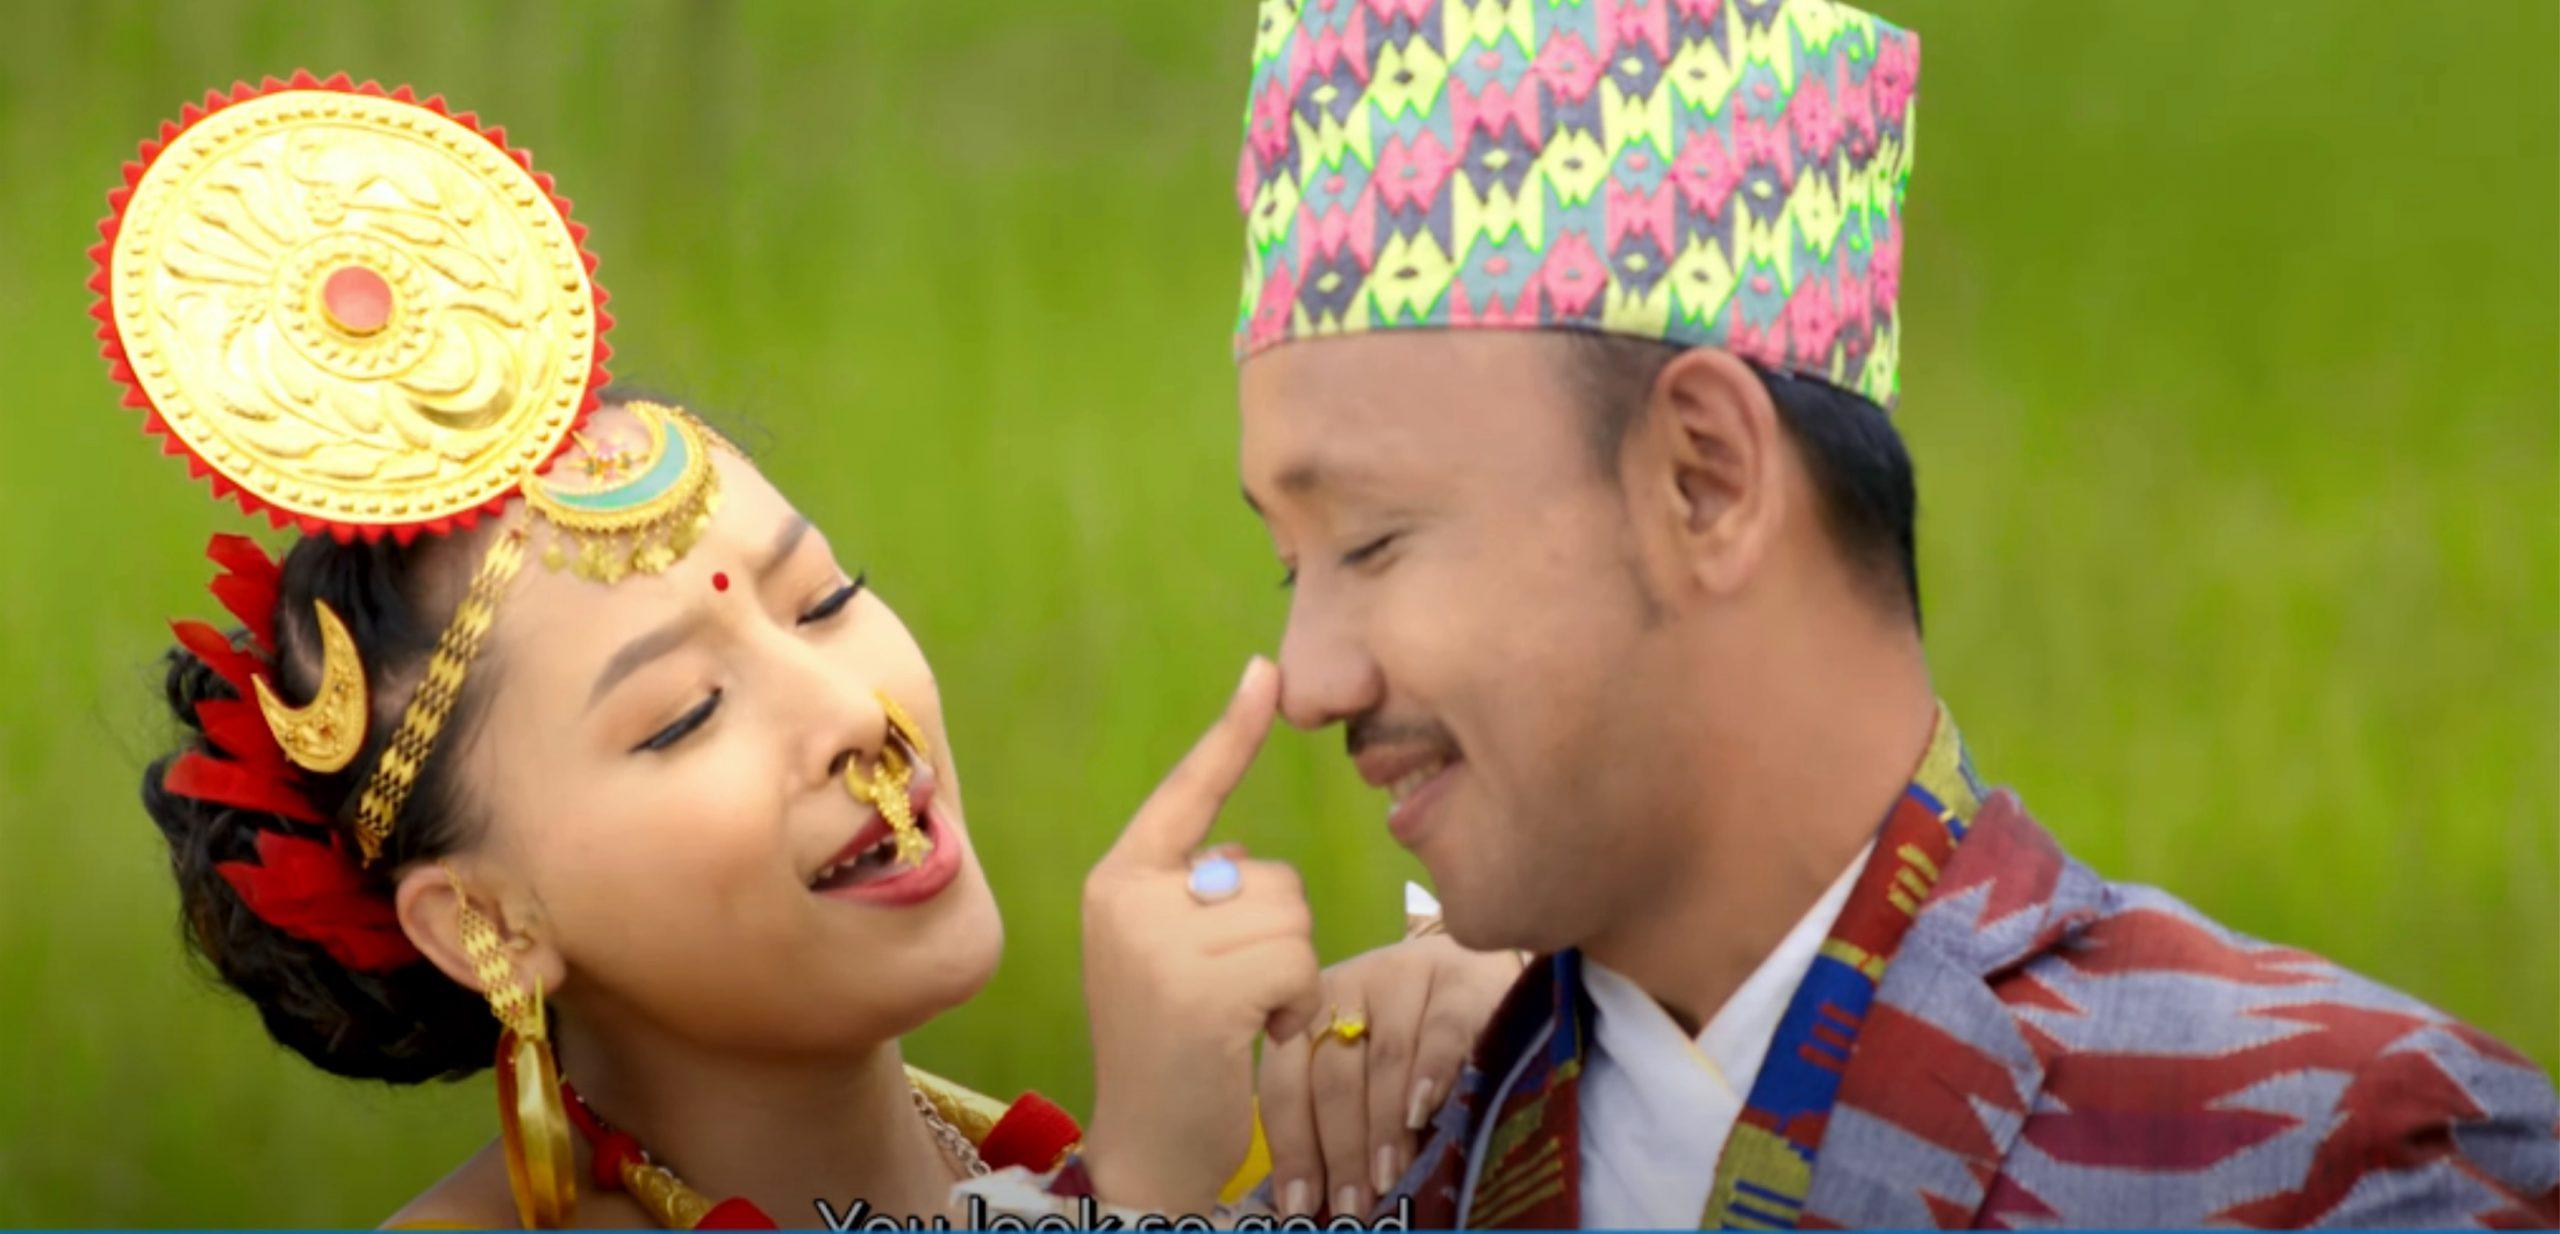 सेमिहाङ र सुनिताको आवाजमा 'साम्याङफुङ' सार्वजनिक (भिडियो सहित)